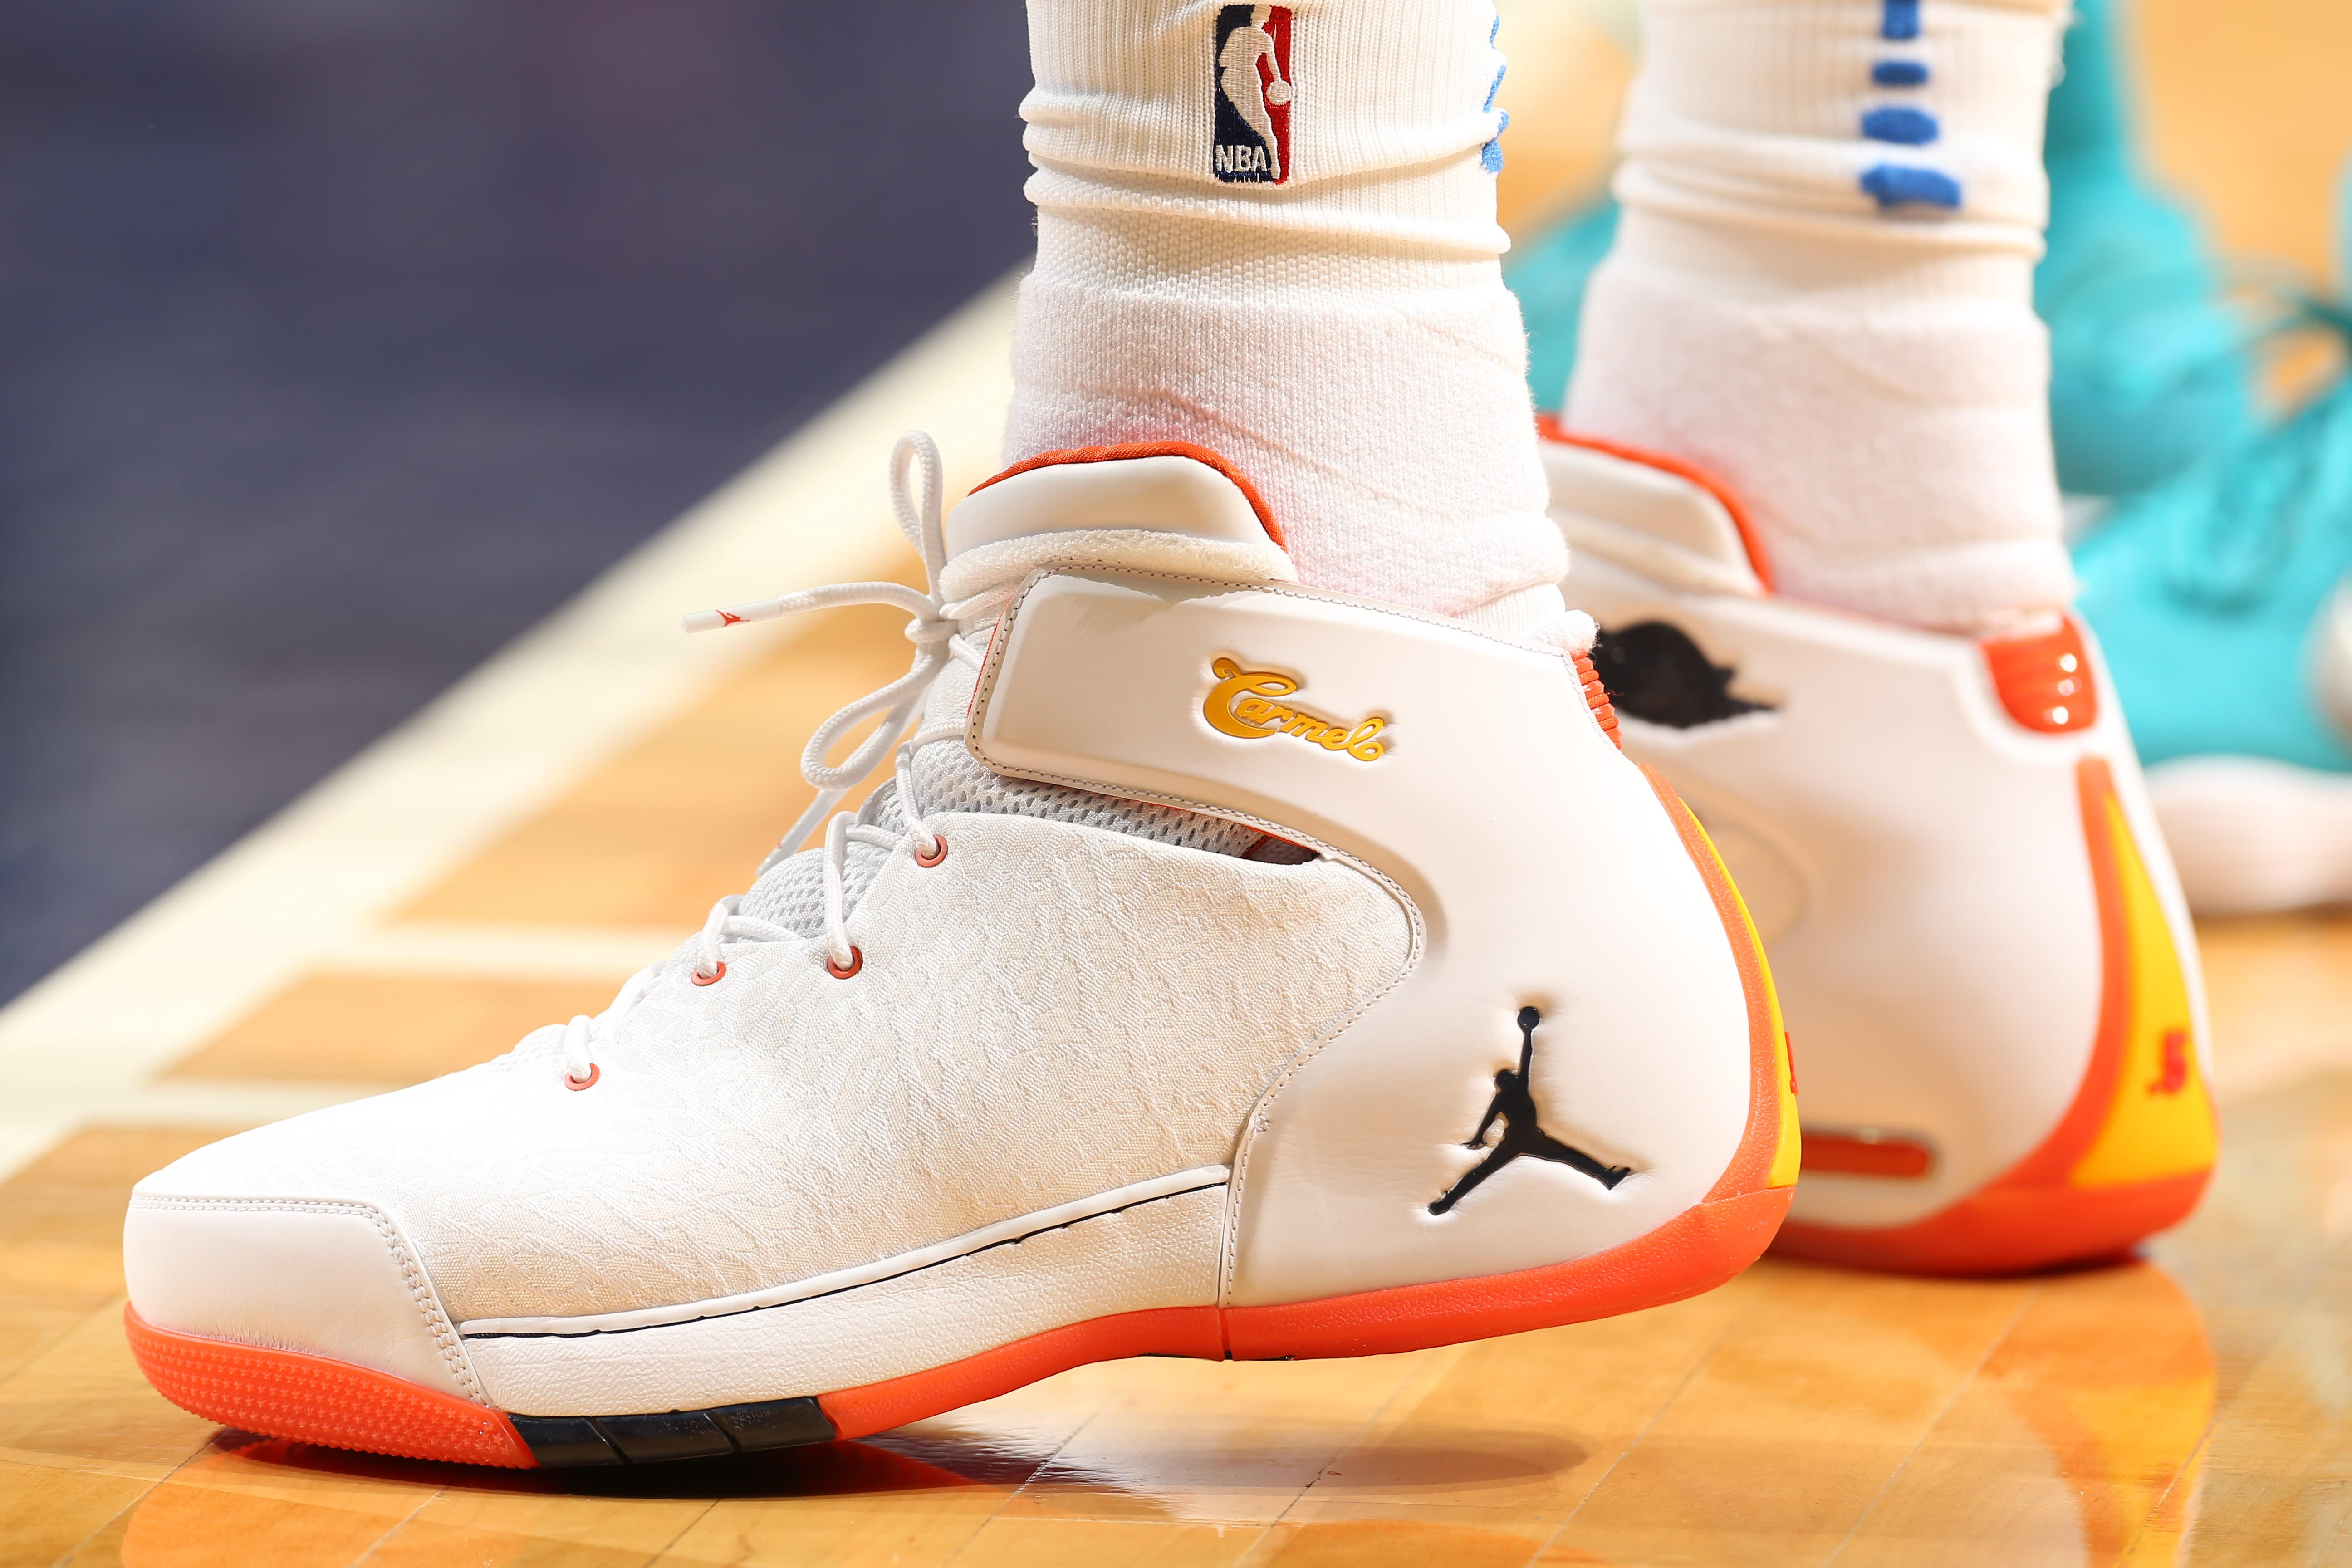 Why Jordan Brand Should Stop Making Signature Sneakers ...